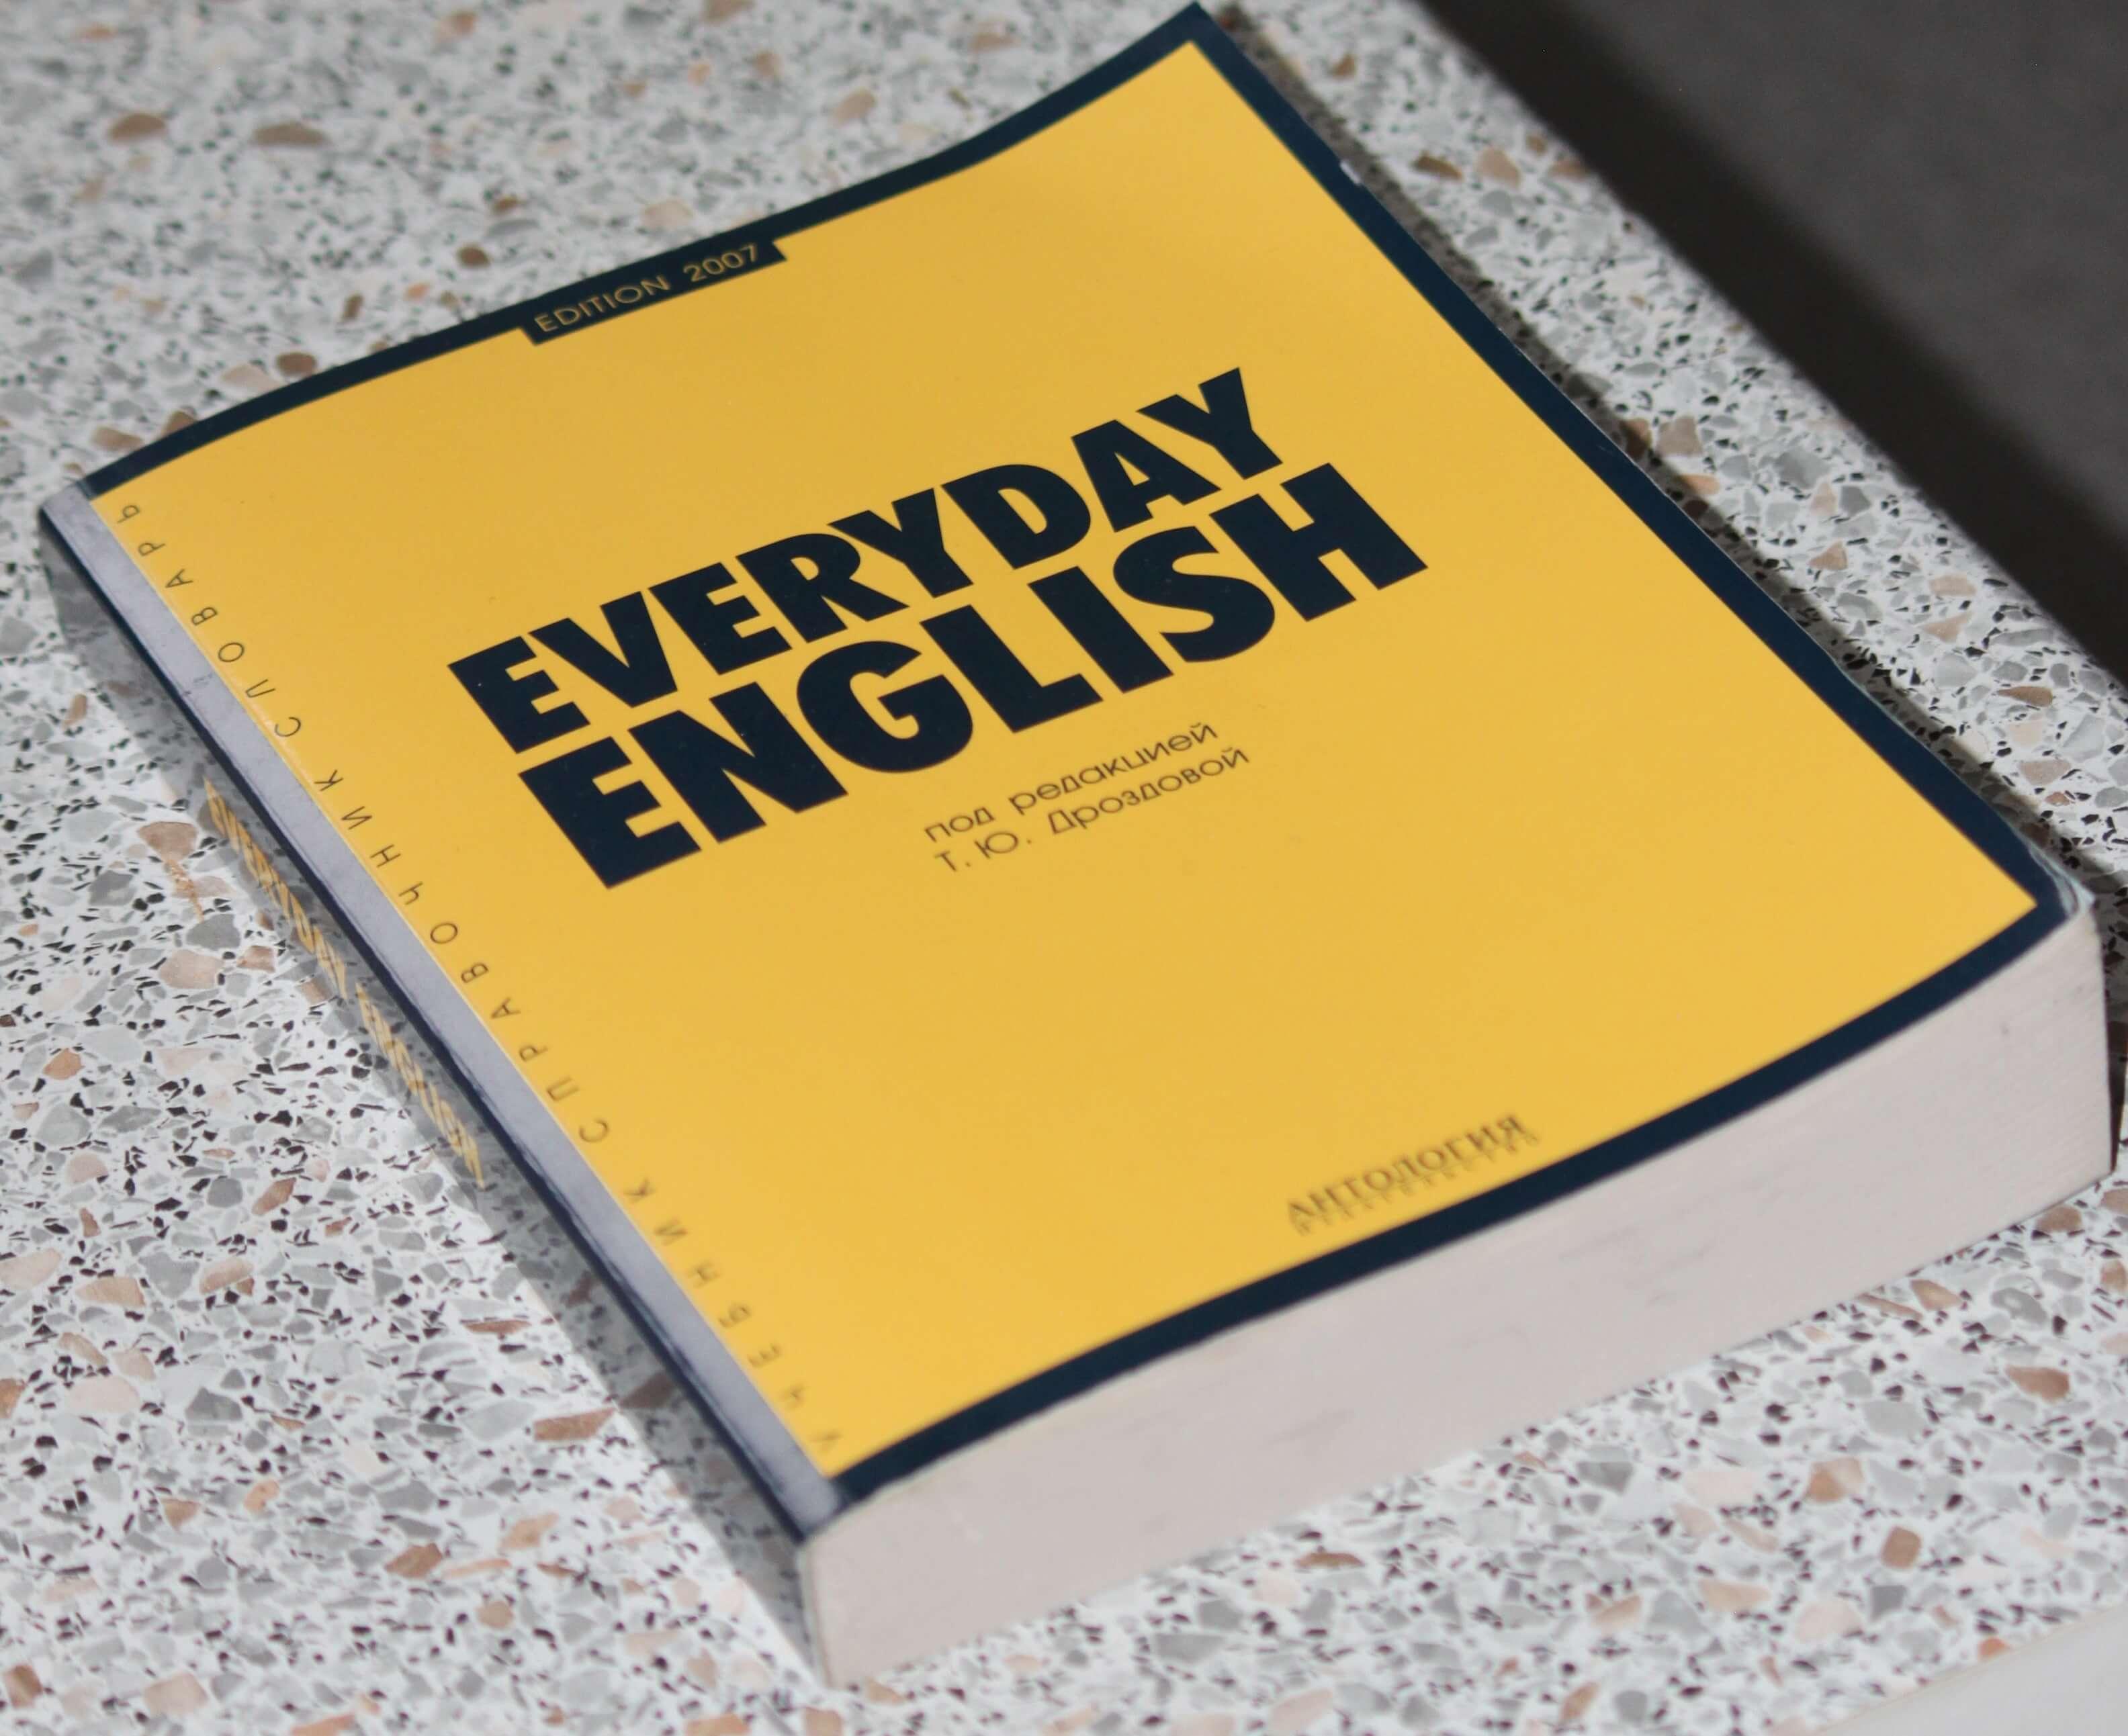 [Zadatak dana] Može li lakše? Ovo je bilo jedno od pitanja na B razini Engleskog, pokušajte odgovoriti